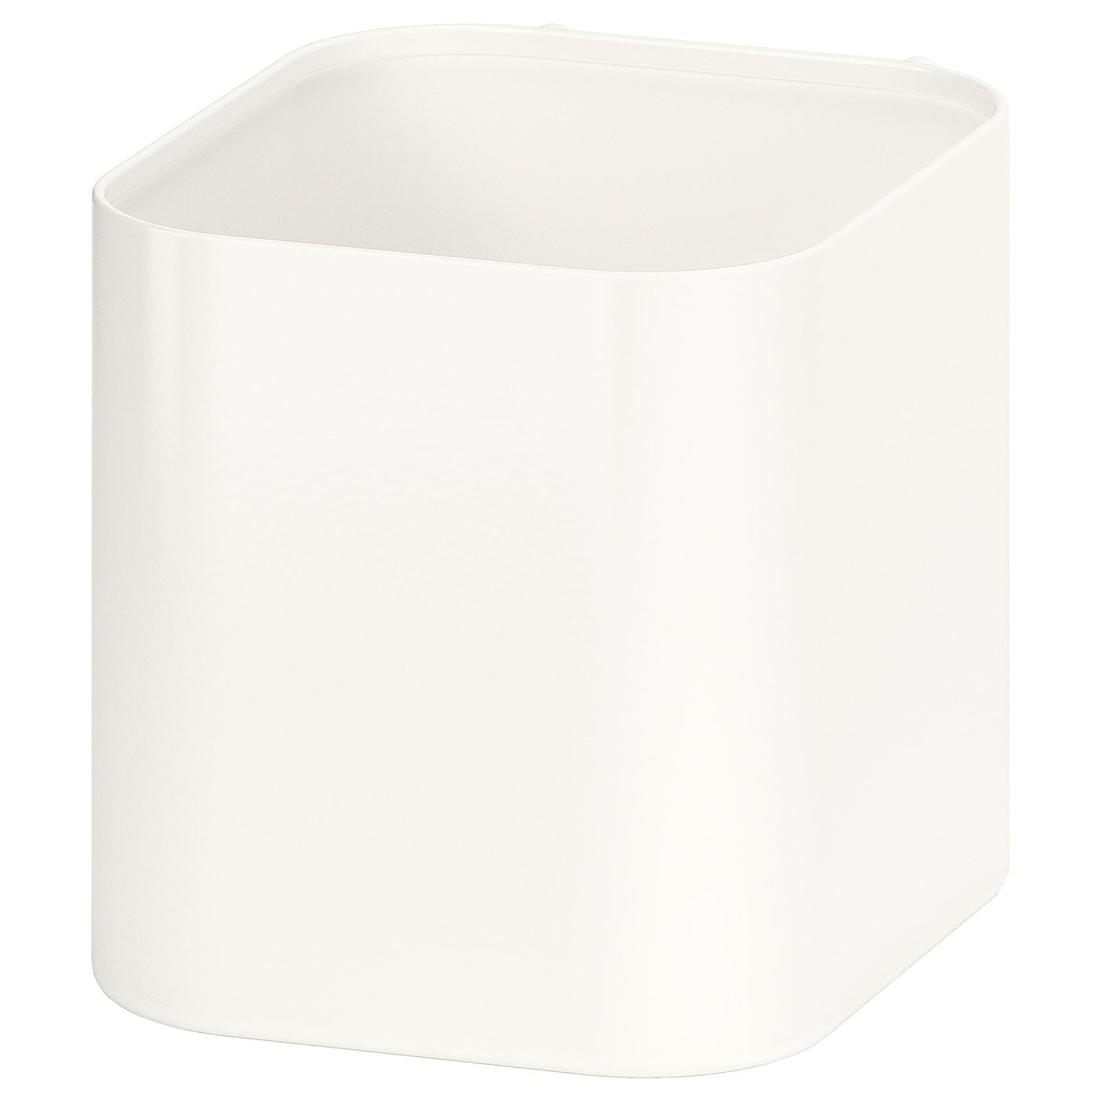 Контейнер, белый СКОДИС [403.621.22] 403.621.22